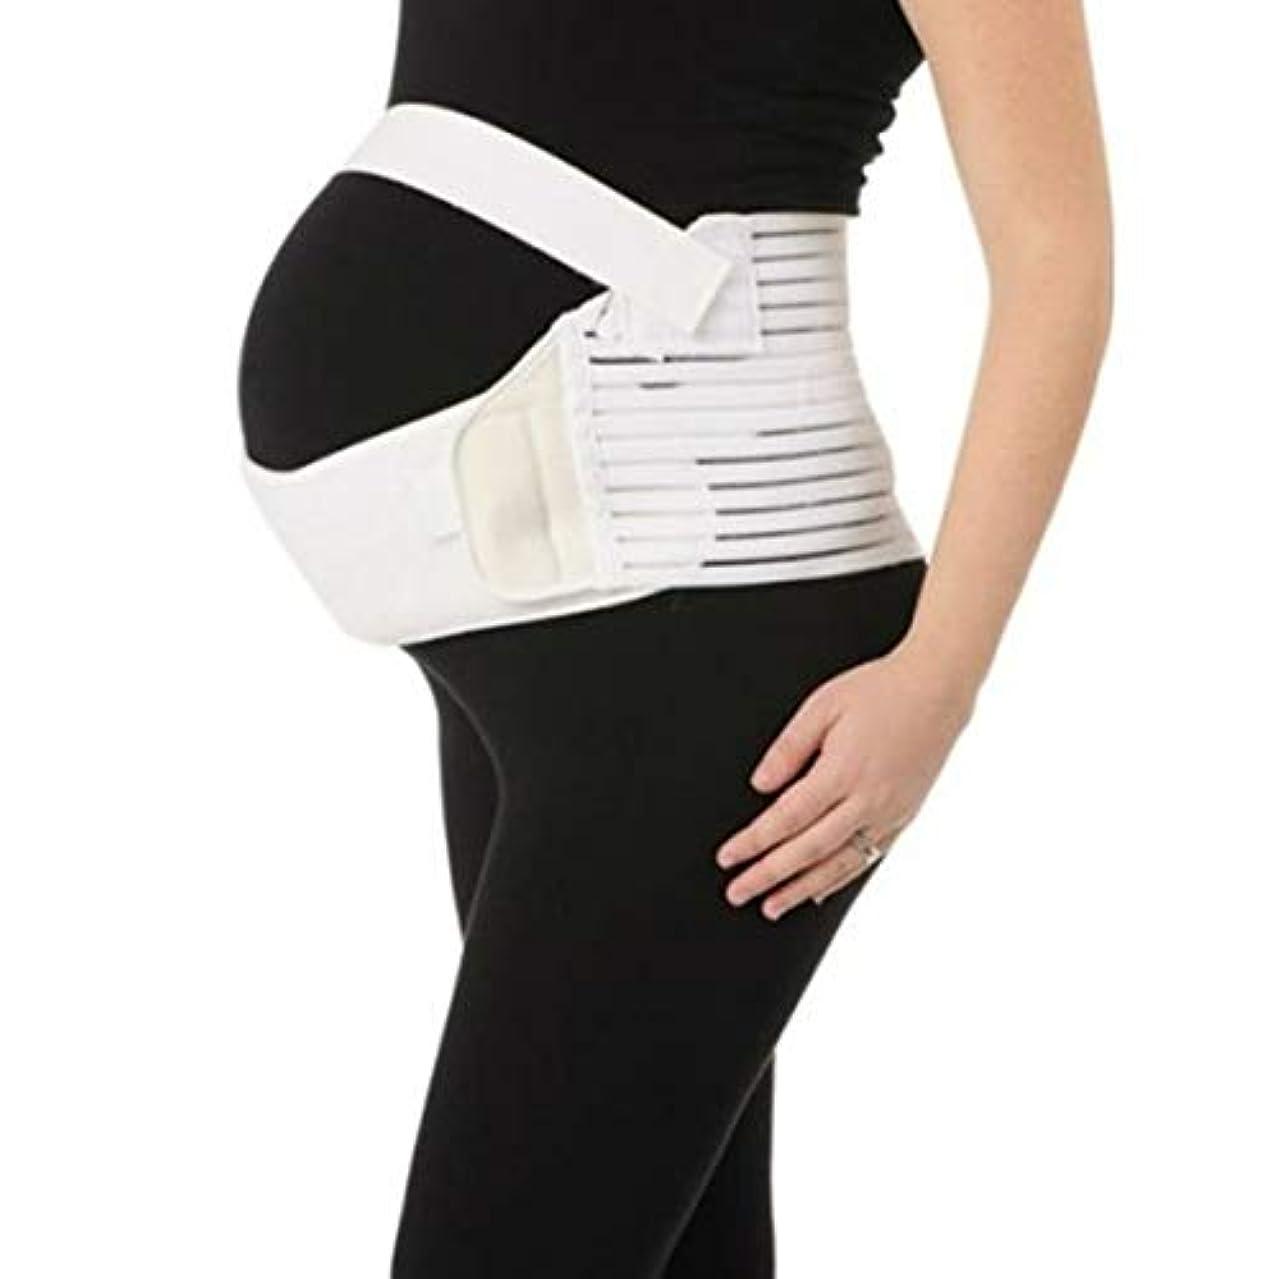 弱い感じるロック解除通気性マタニティベルト妊娠腹部サポート腹部バインダーガードル運動包帯産後回復形状ウェア - ホワイトXL